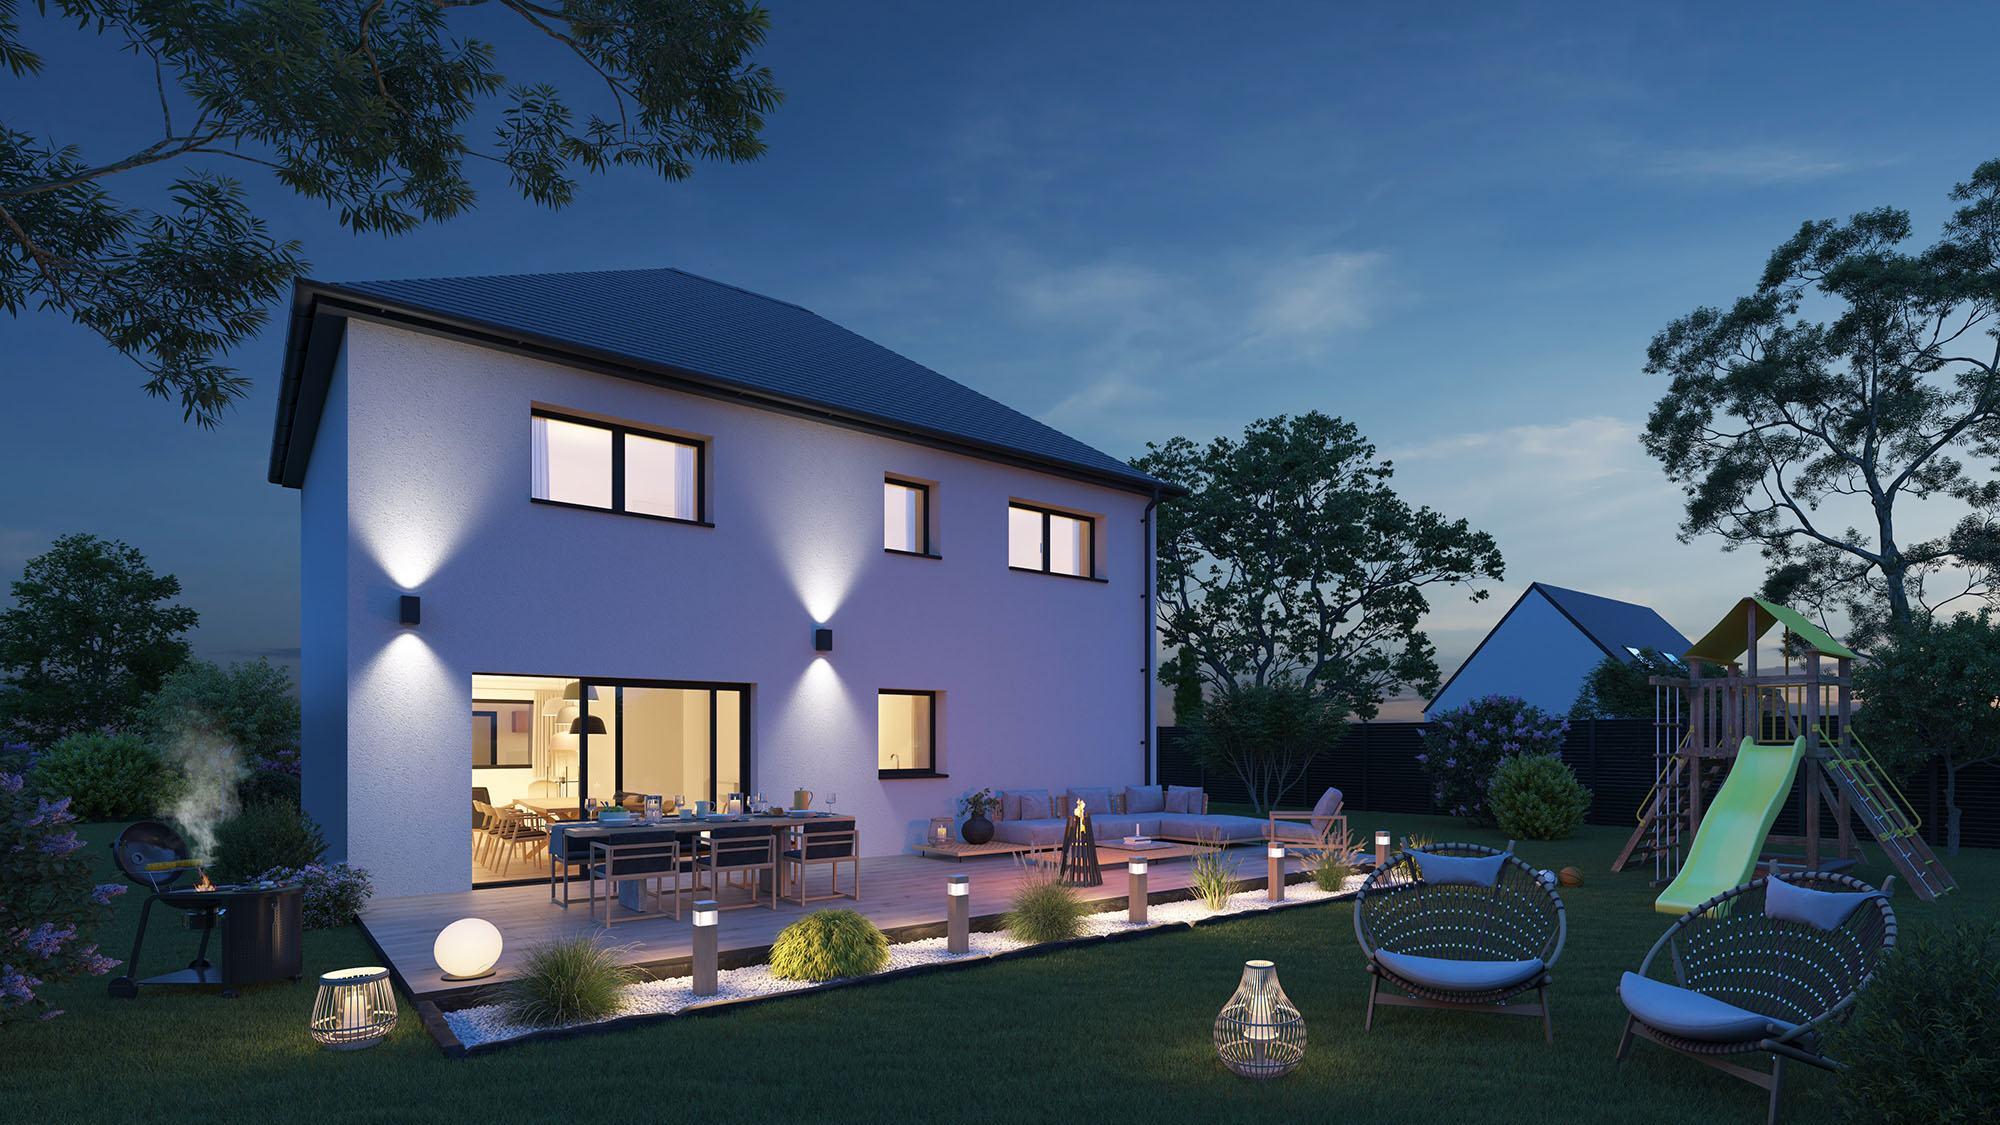 Votre maison + terrain à Falaise  - 14700